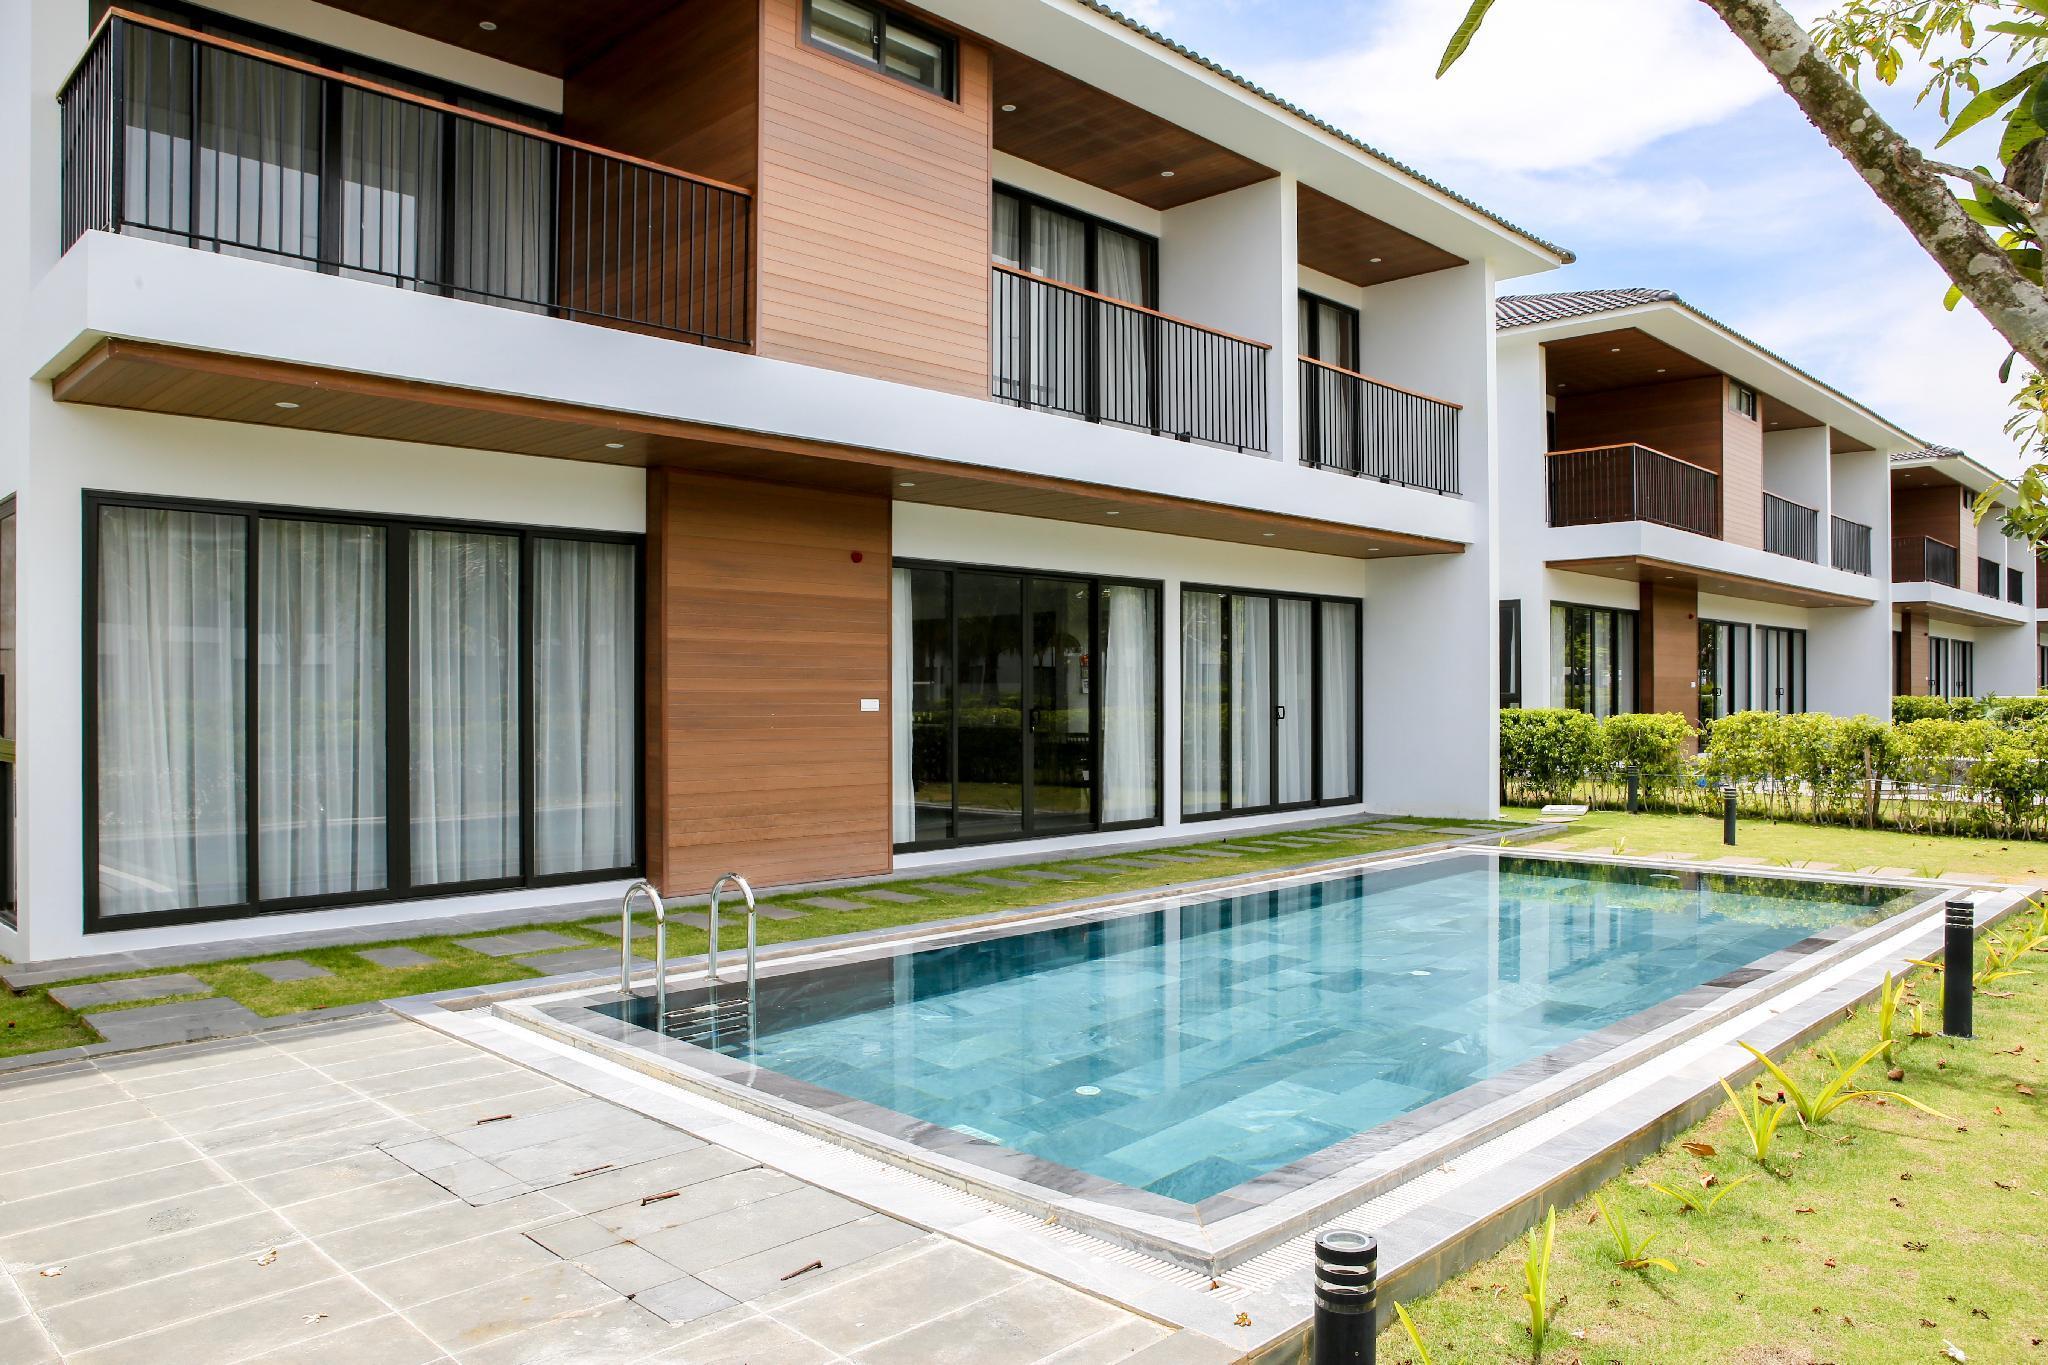 M Villas Beach Side 4 BR Villa W A Private Pool